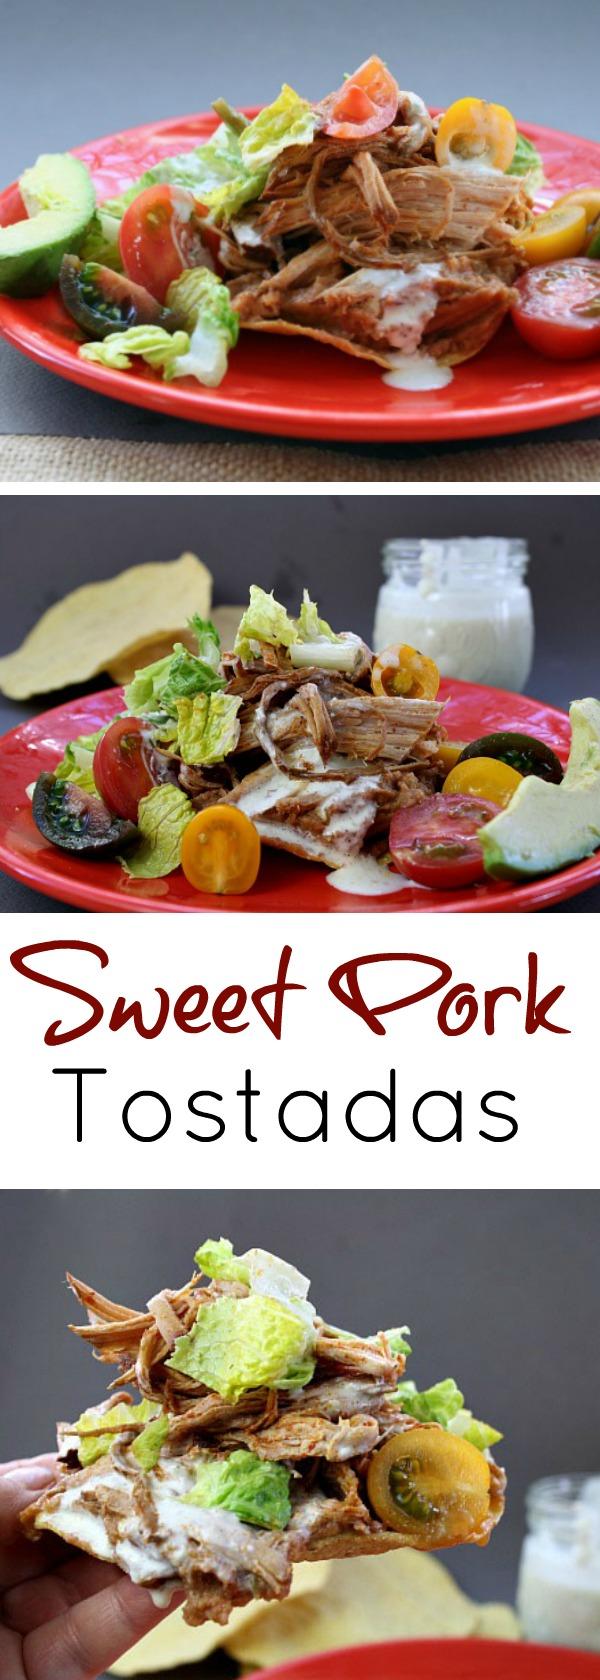 Cafe Rio Sweet Pork Tostadas